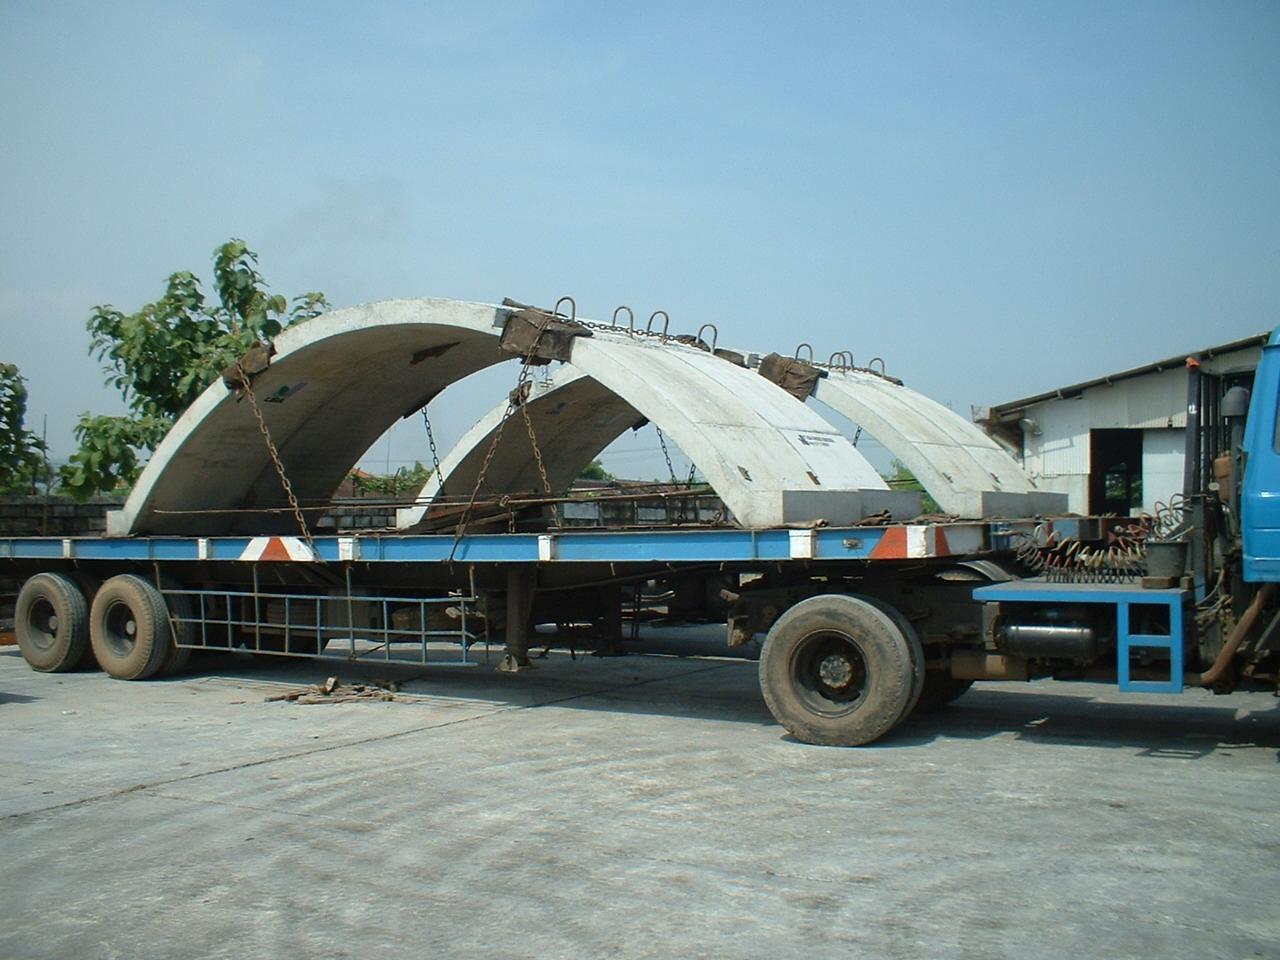 arch-culvert-on-truck